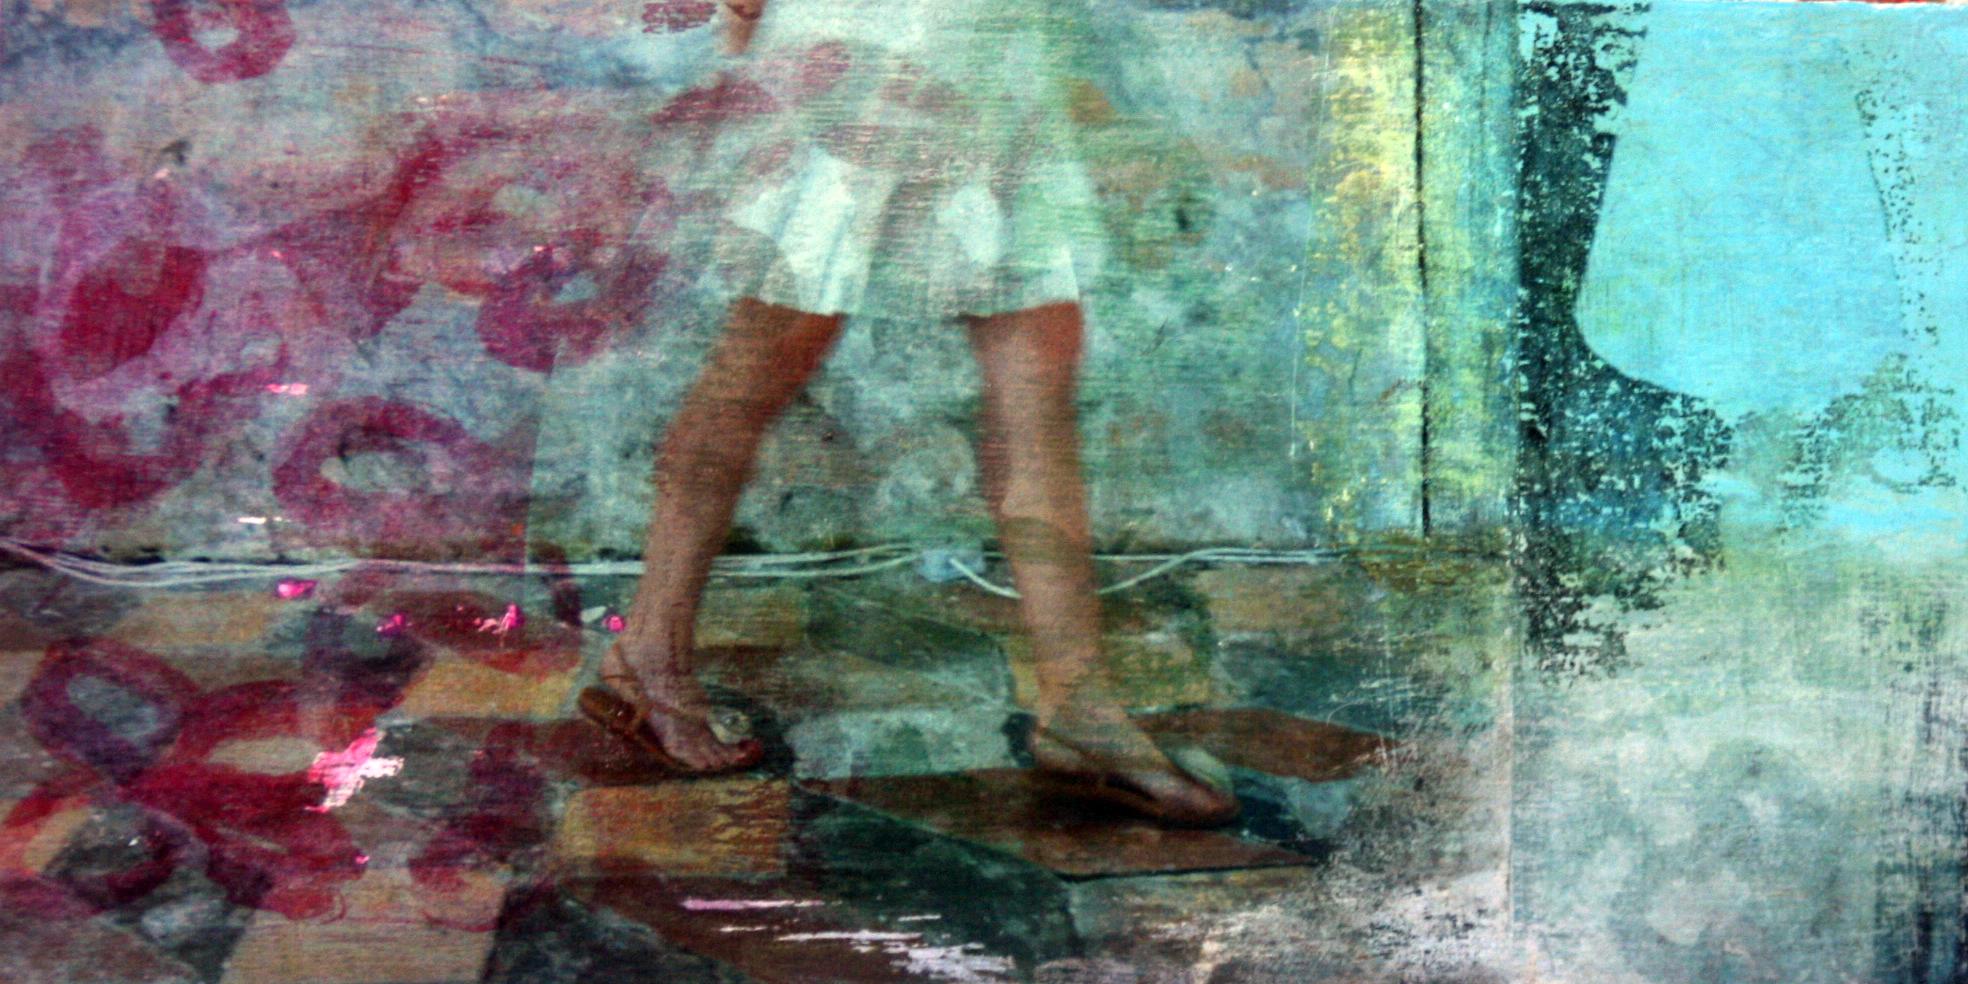 dance-dans-la-chapelle-20-mixed-media-auf-holz-15x30-2015